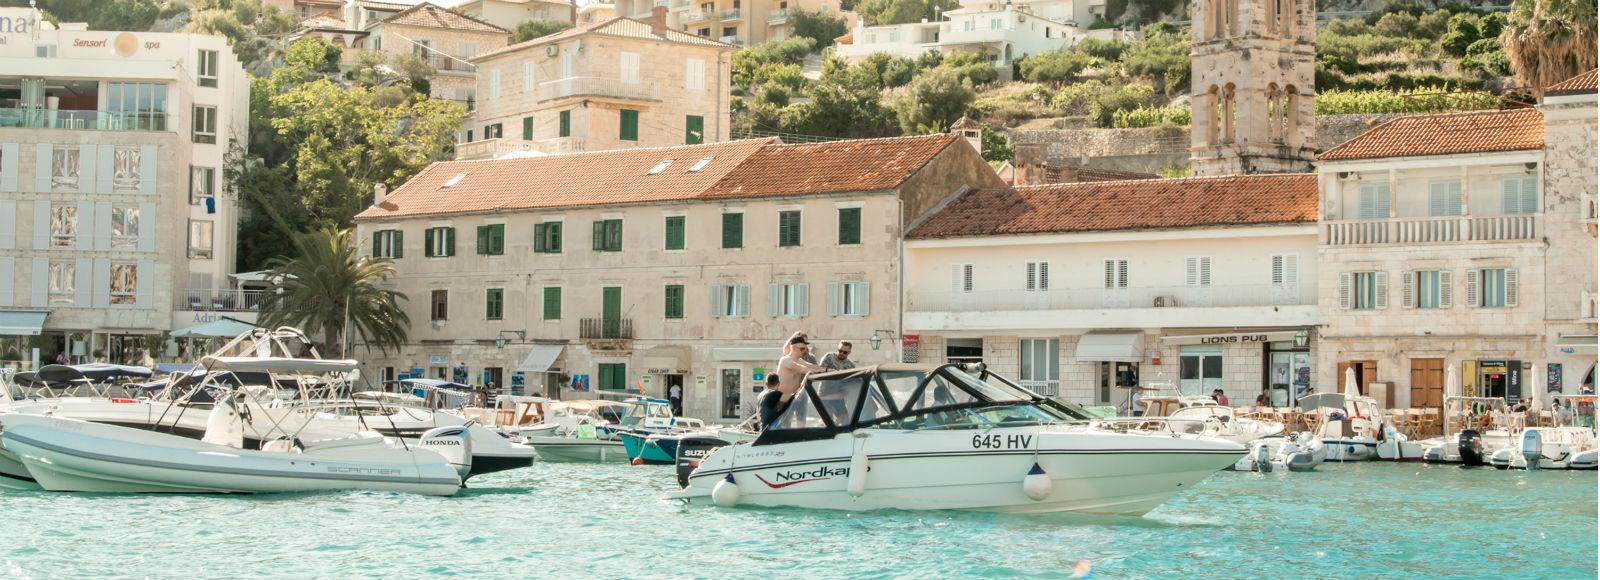 Geheimtipp Kroatien: Inseln abseits des Mainstreams